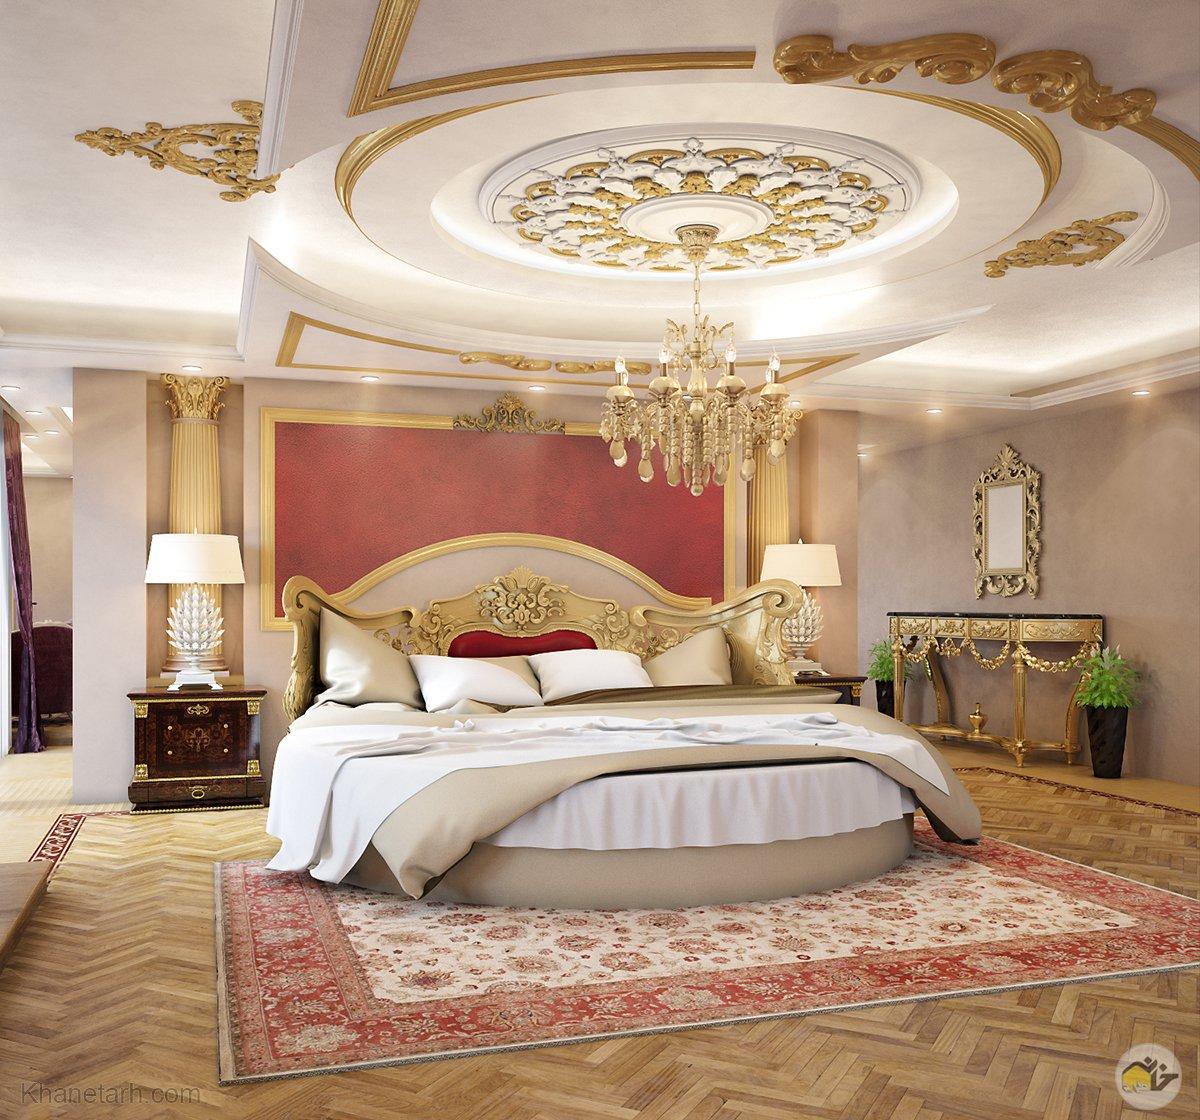 گچبری سقف اتاق خواب